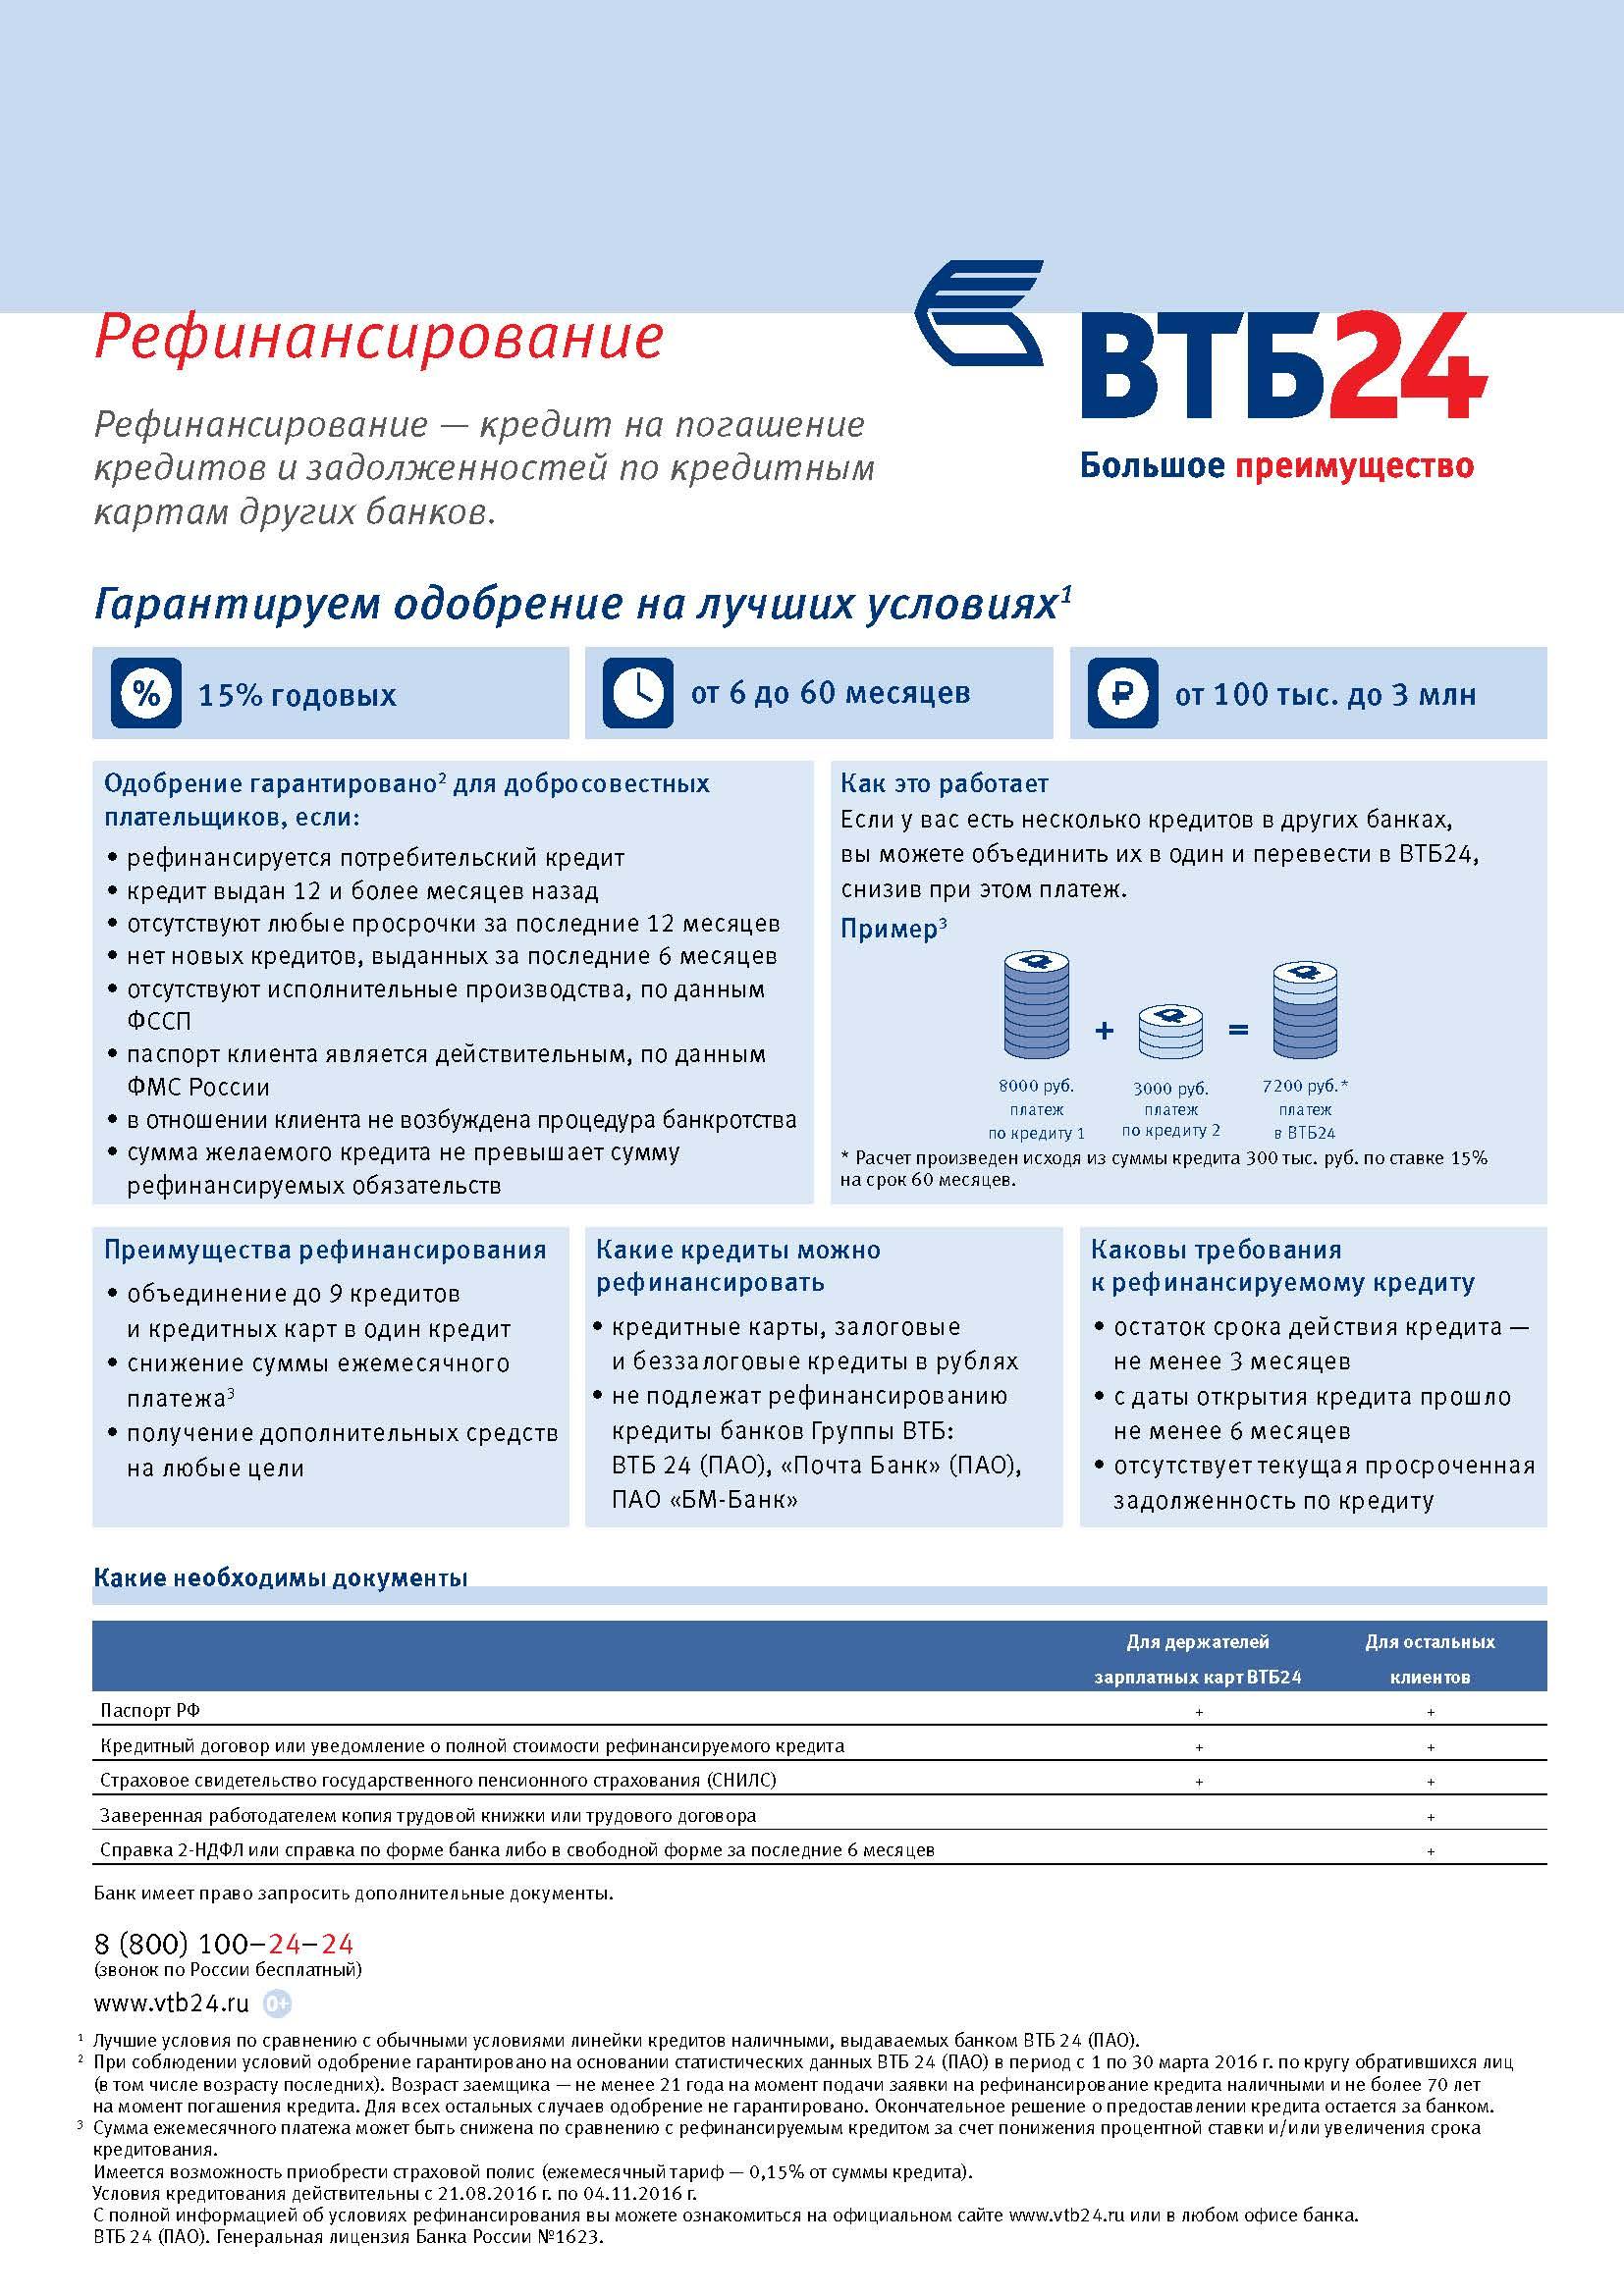 Калькулятор досрочного погашения кредита ВТБ 24 66